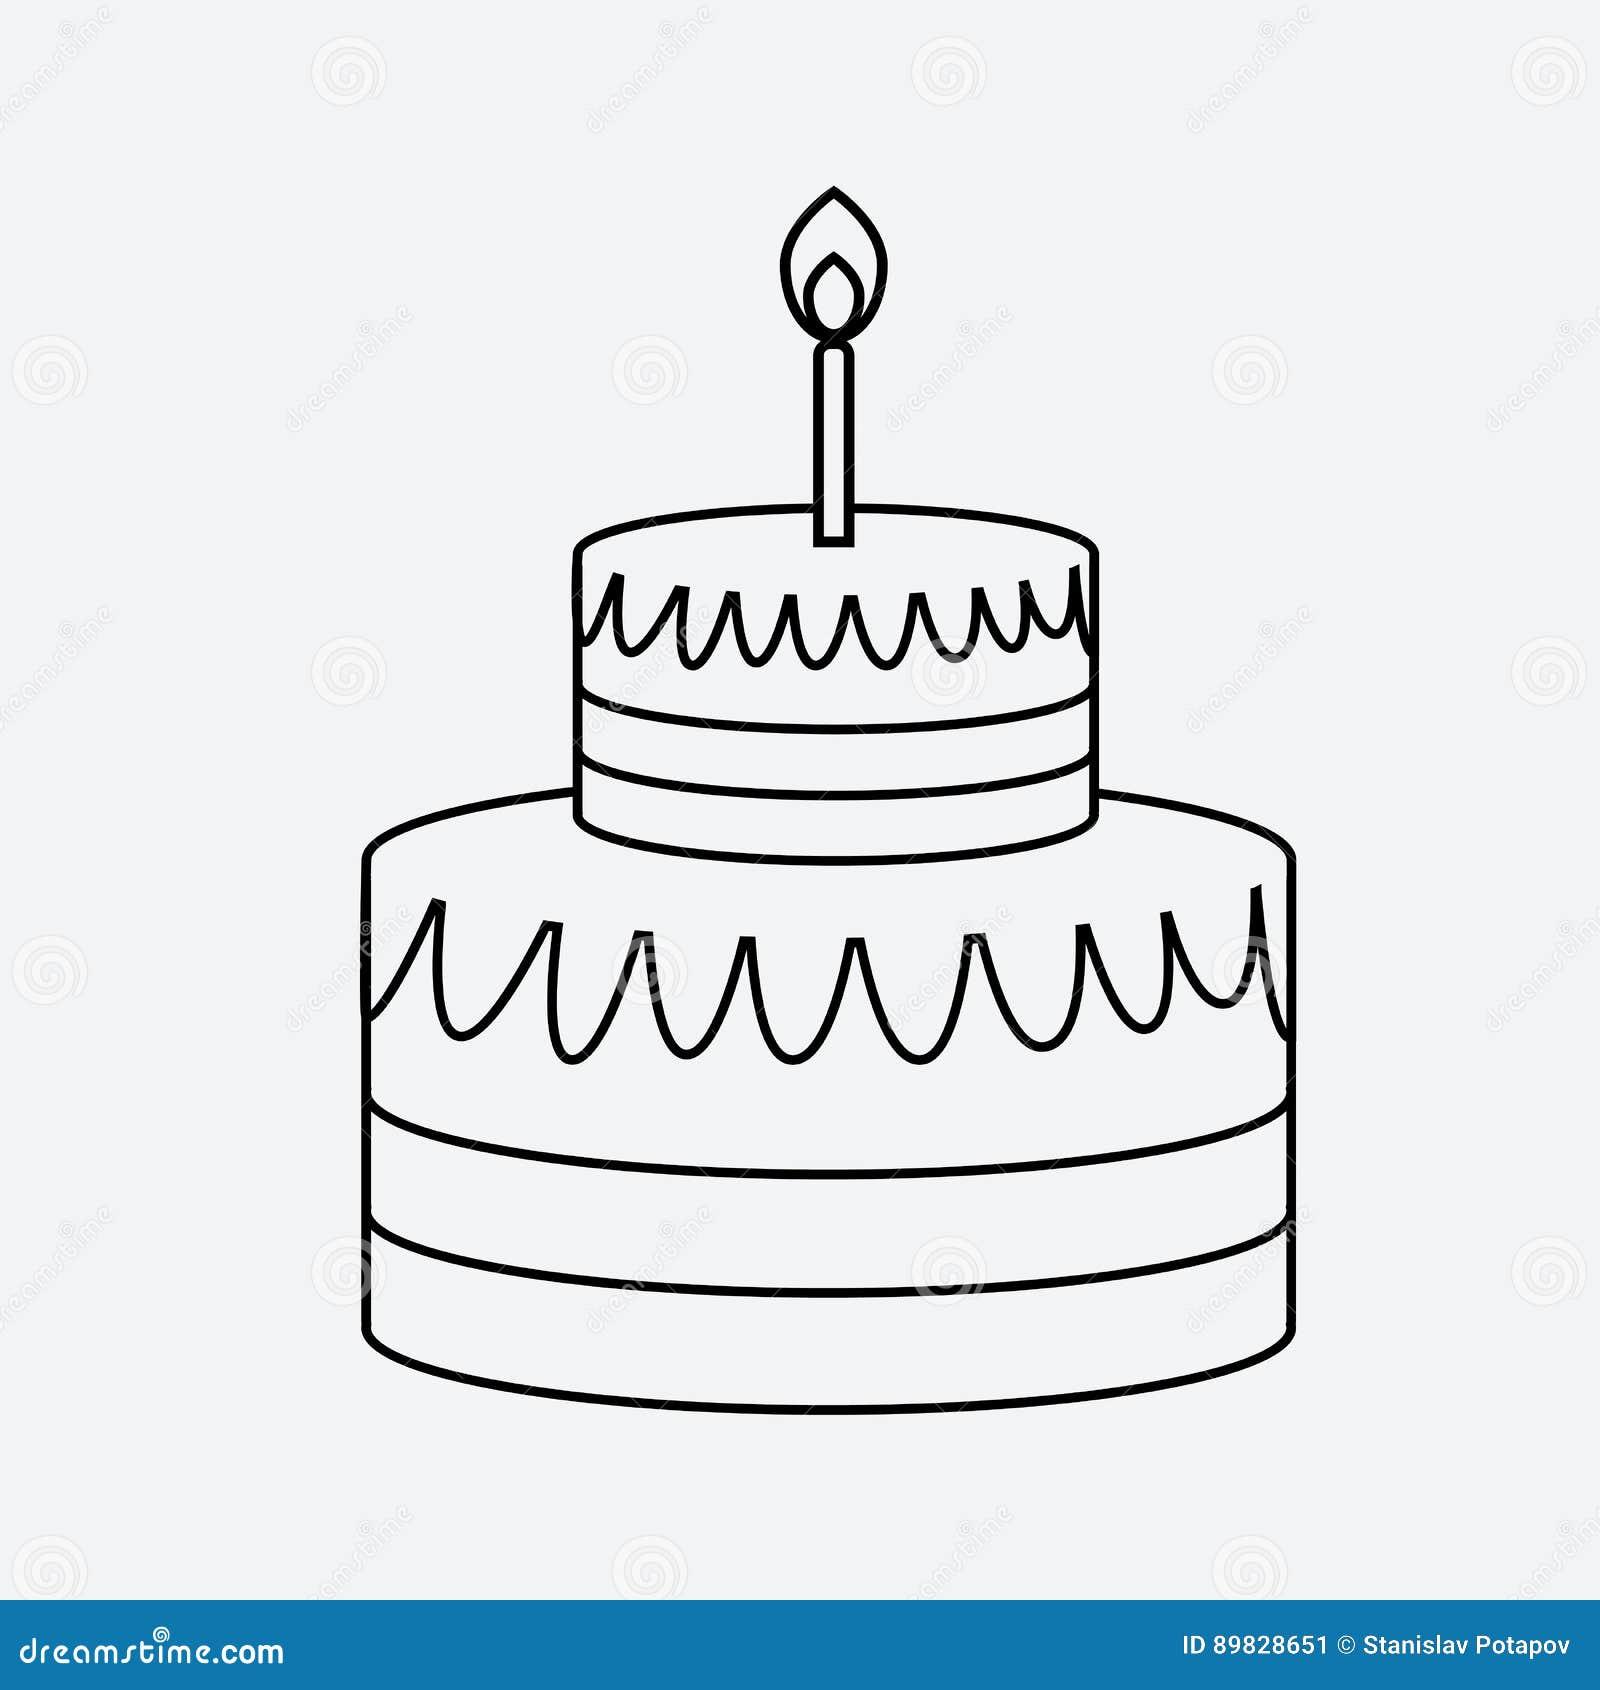 Linear cake icon minimal flat style stock vector illustration linear cake icon minimal flat style buycottarizona